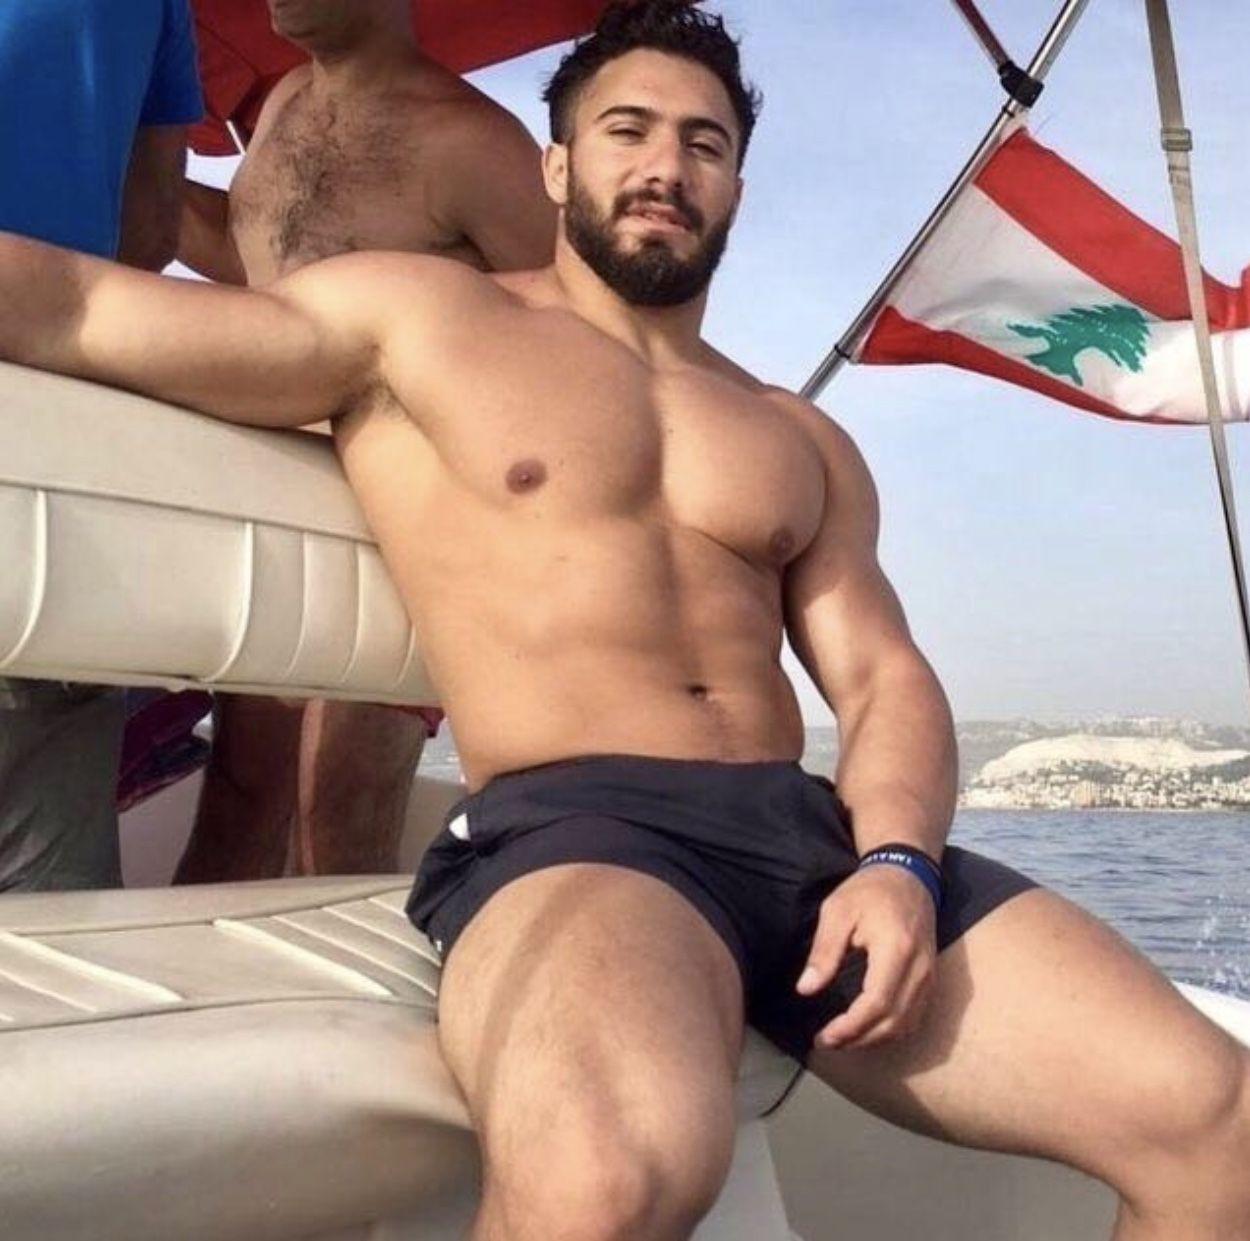 Pin On Arab Men